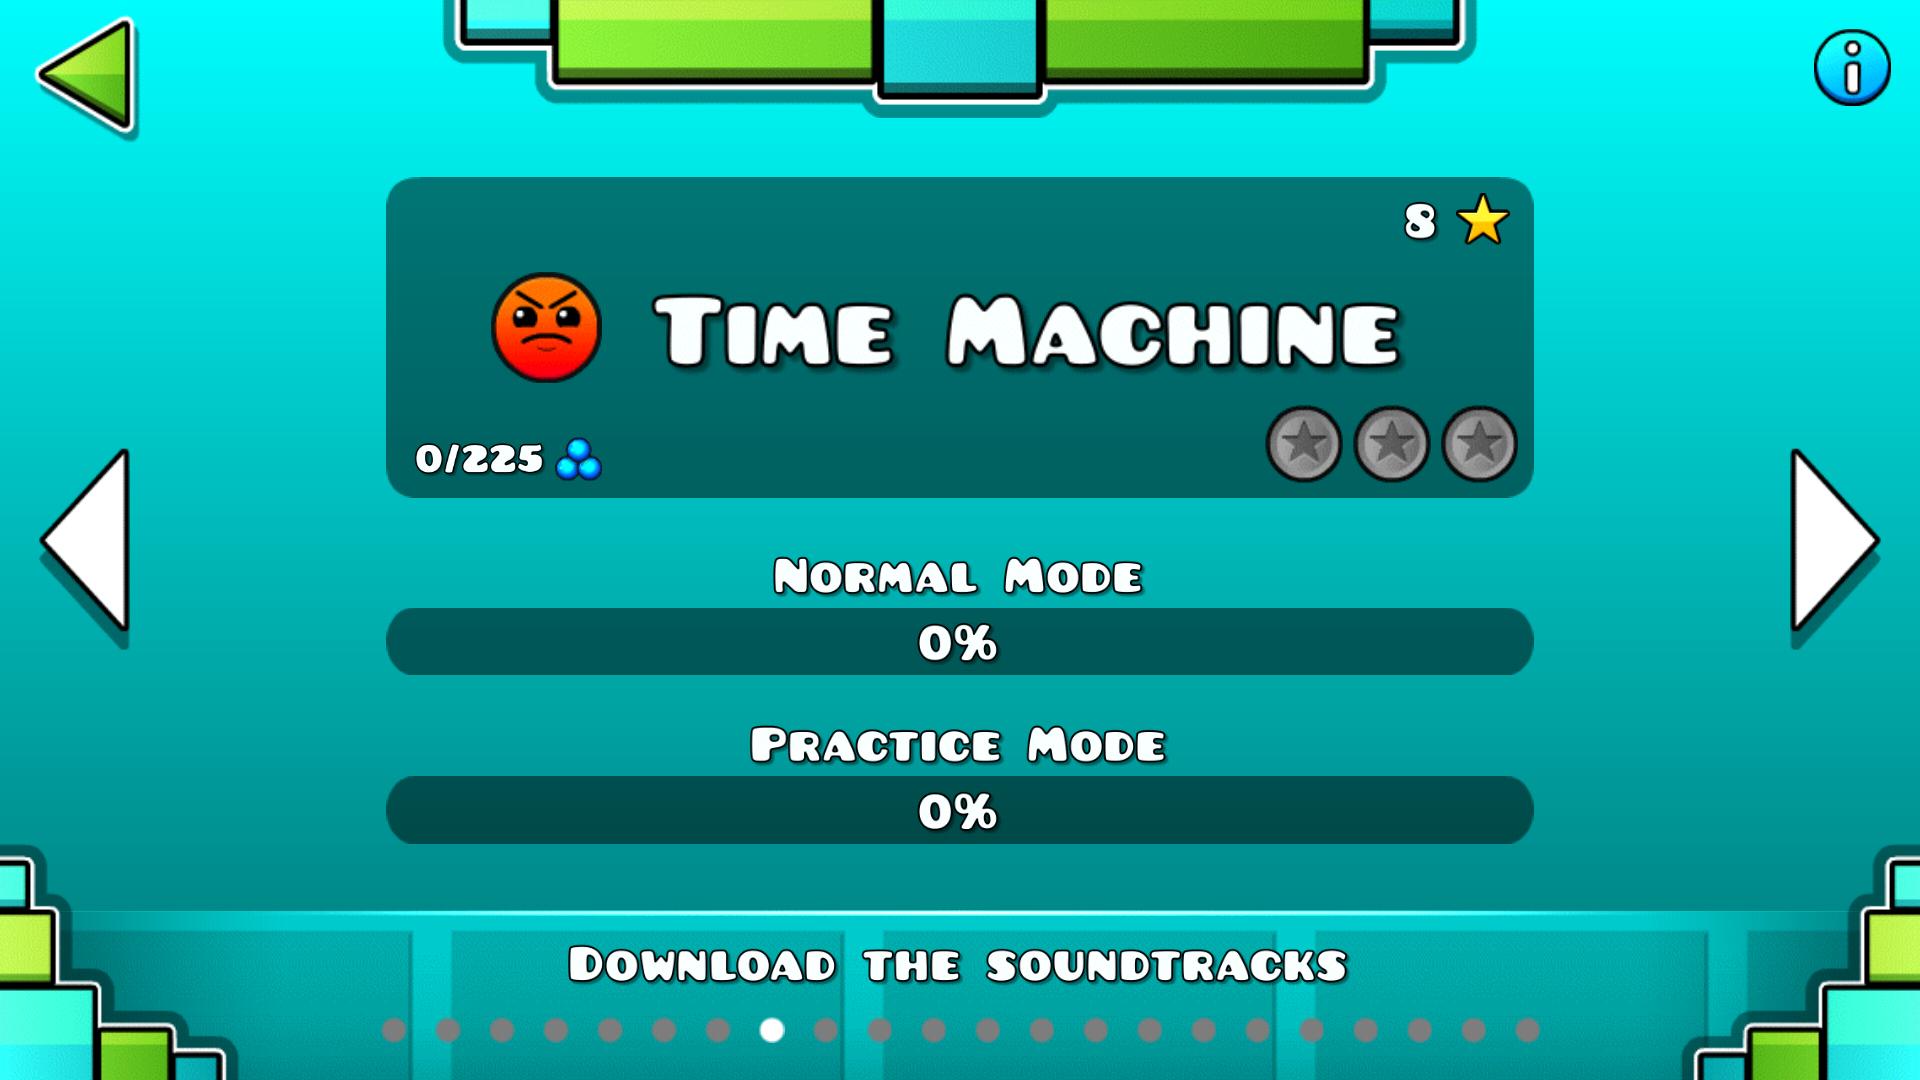 TimeMachineMenu.png